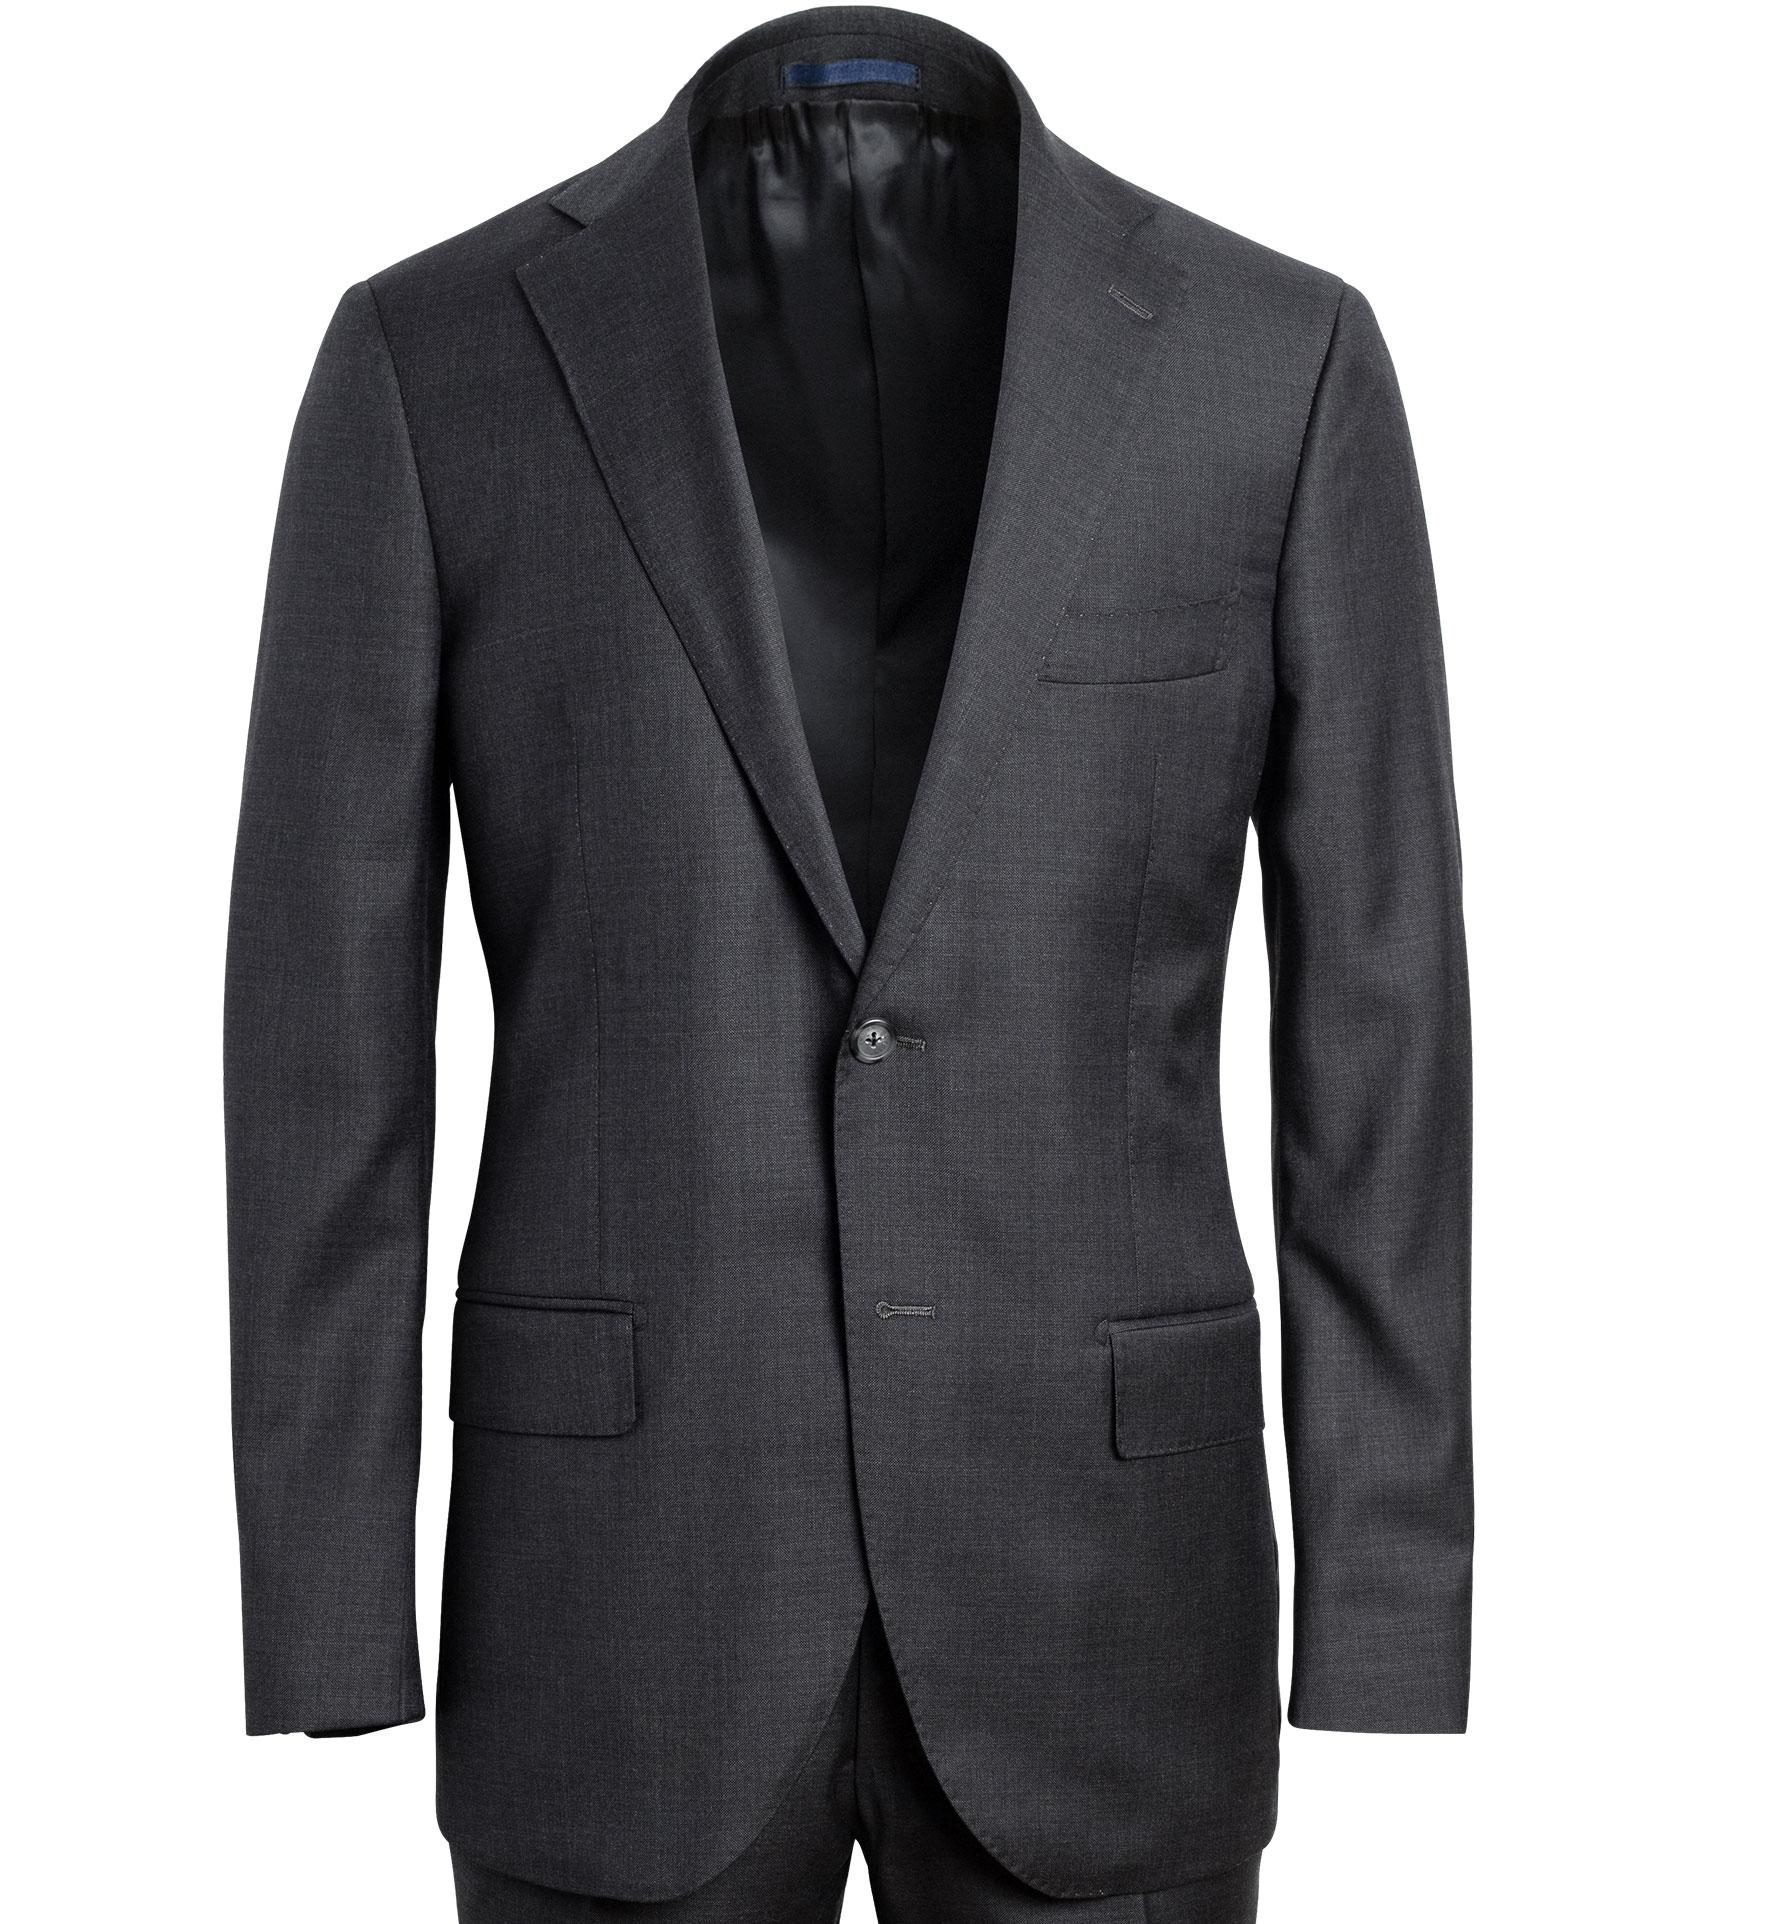 Zoom Image of Allen Grey Wool Suit Jacket